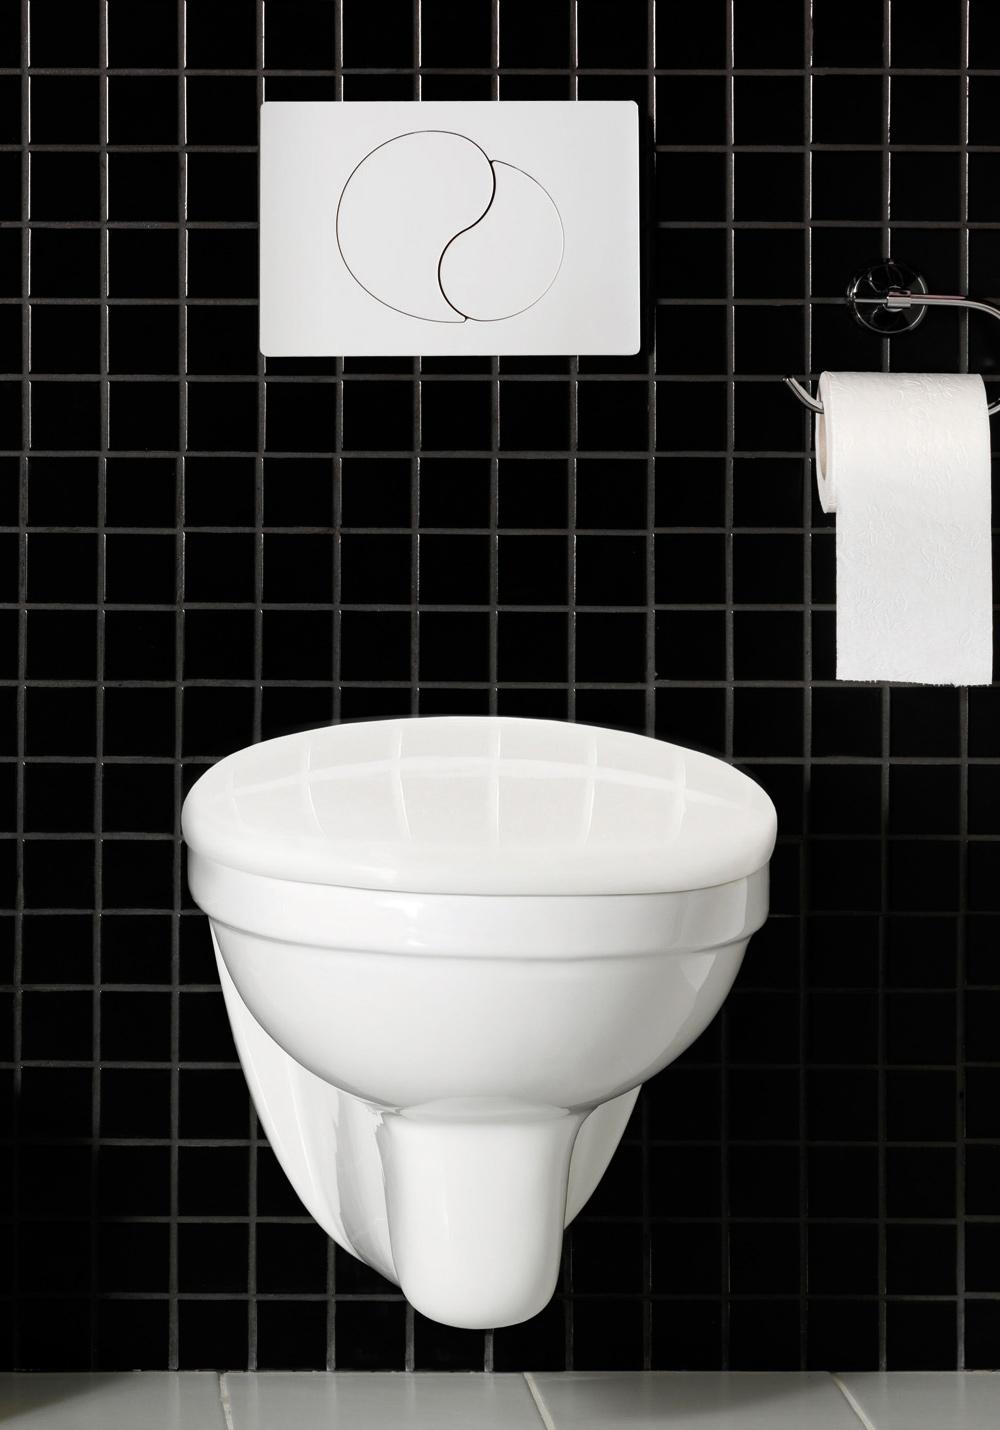 Byt toalett. sanitetsporslin med easyclean   hafa badrum